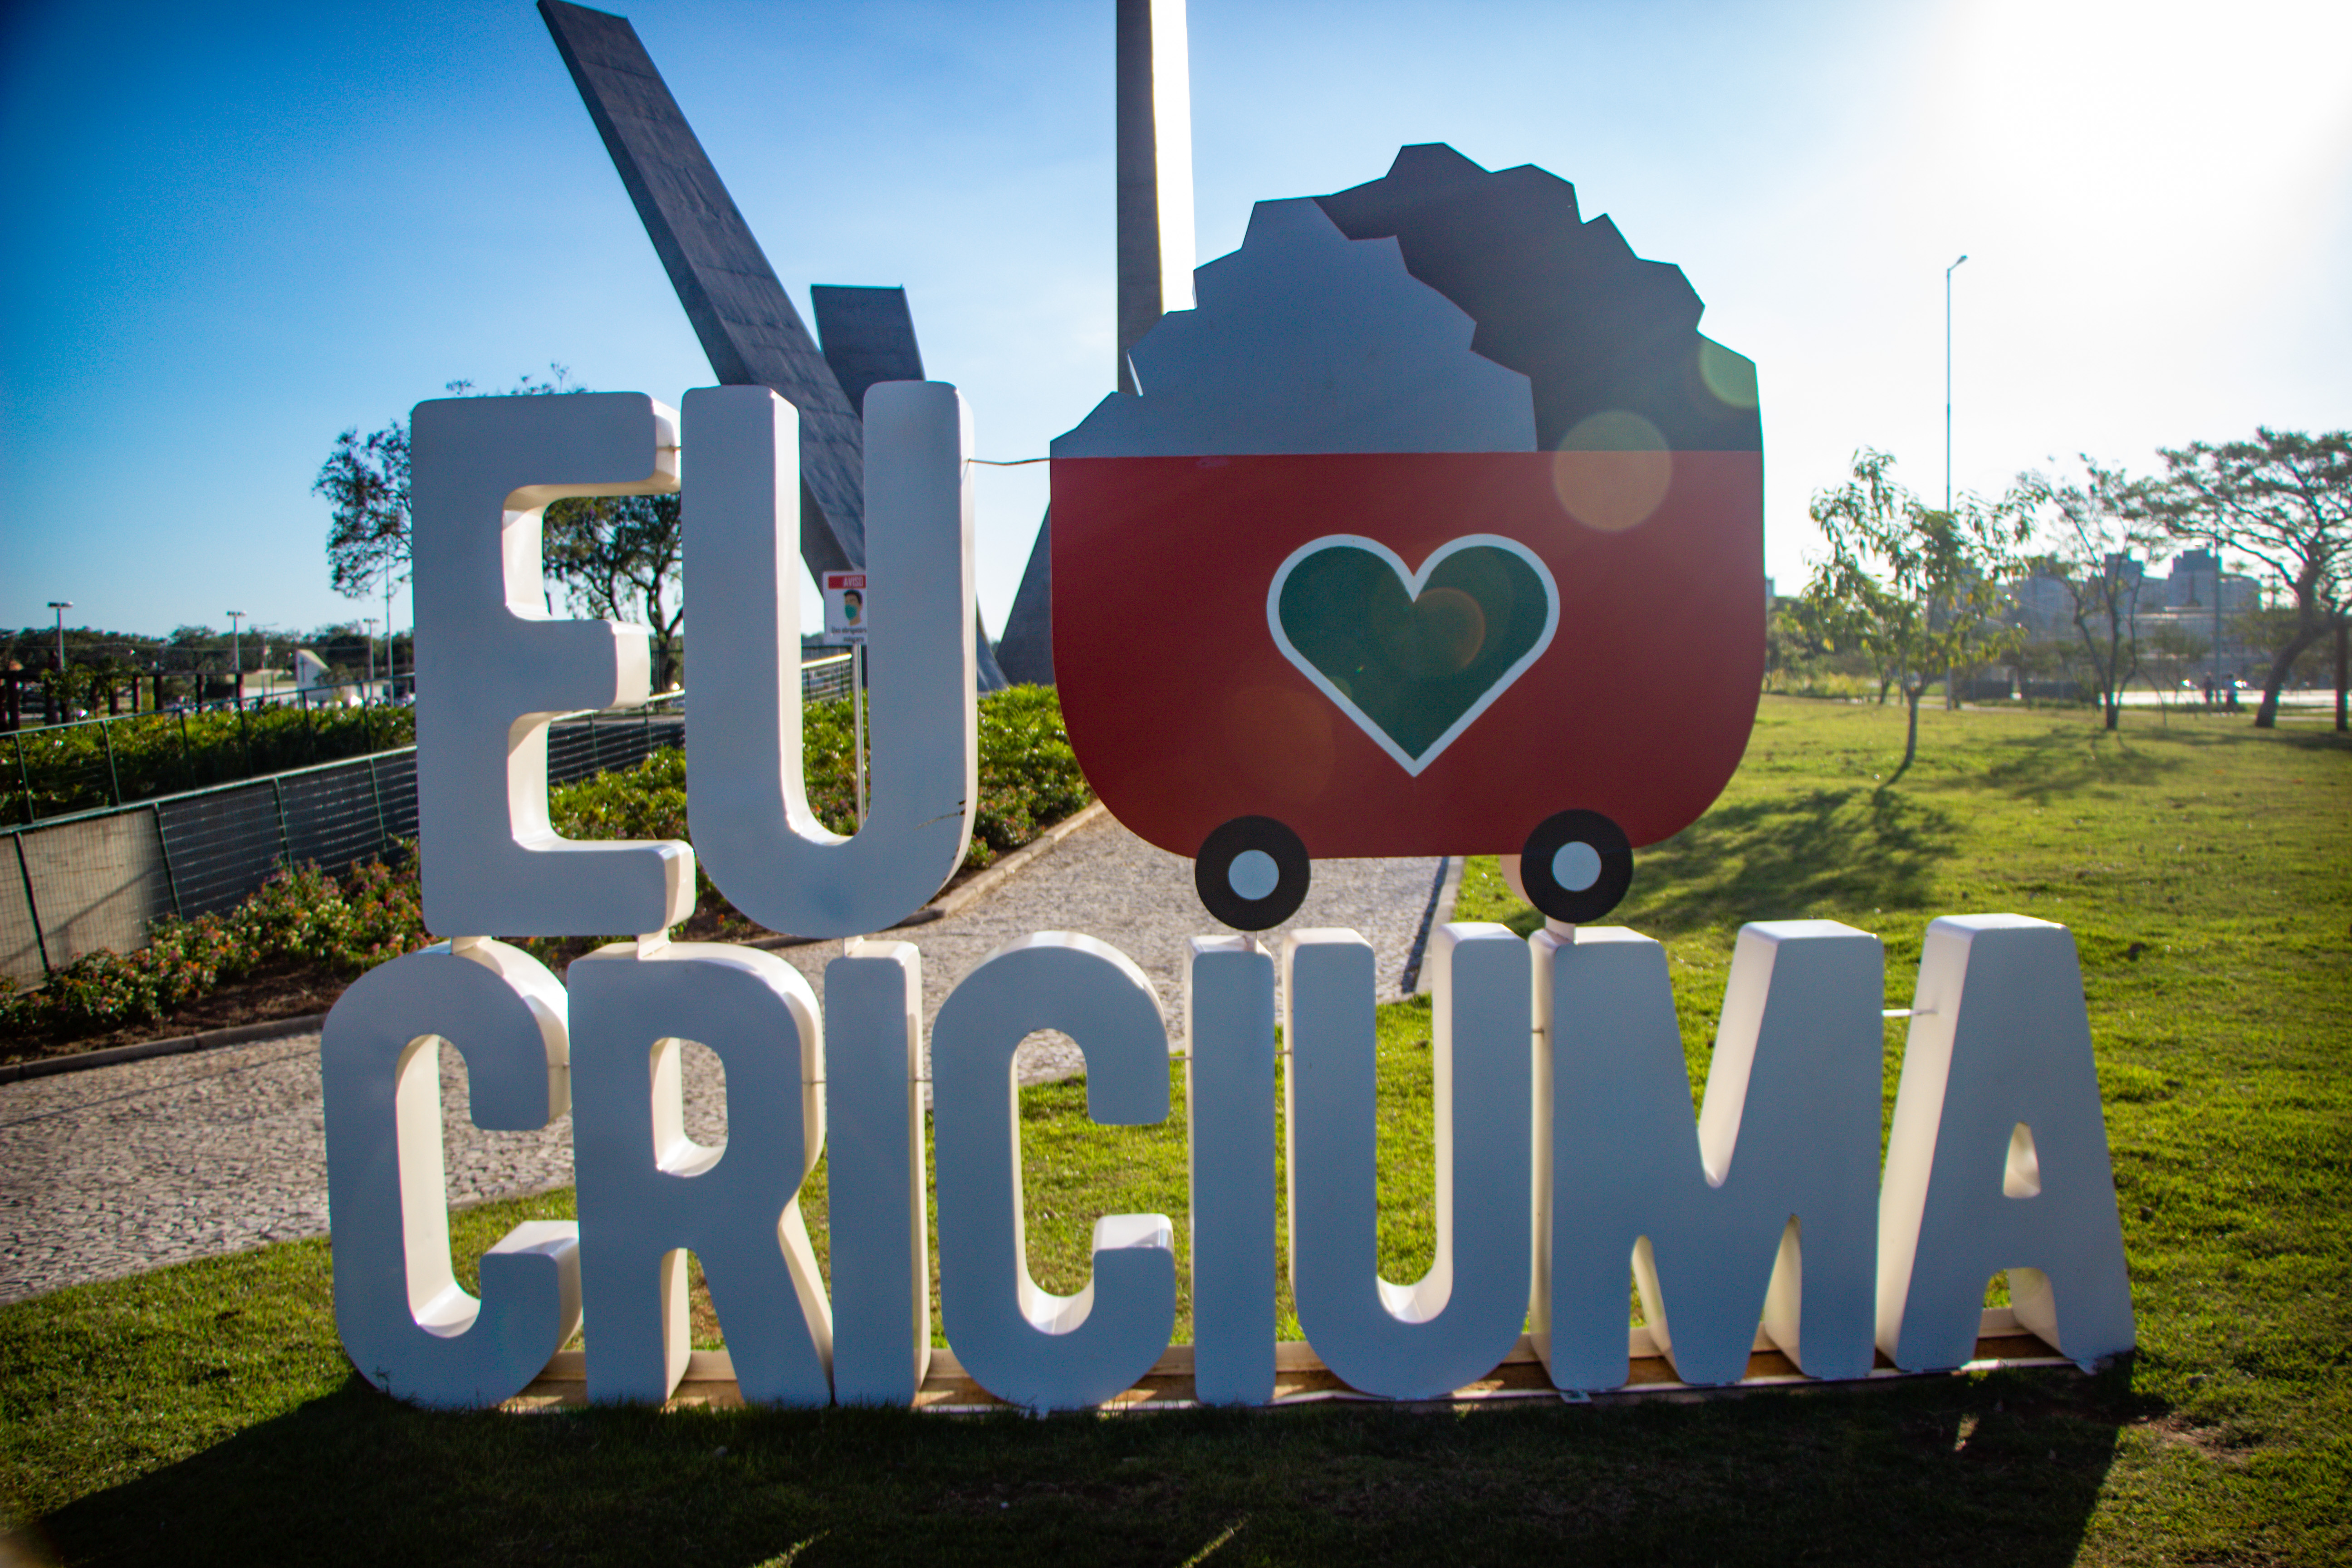 CRICIÚMA, Parque Municipal Prefeito Altair Guidi (Parque Centenário)